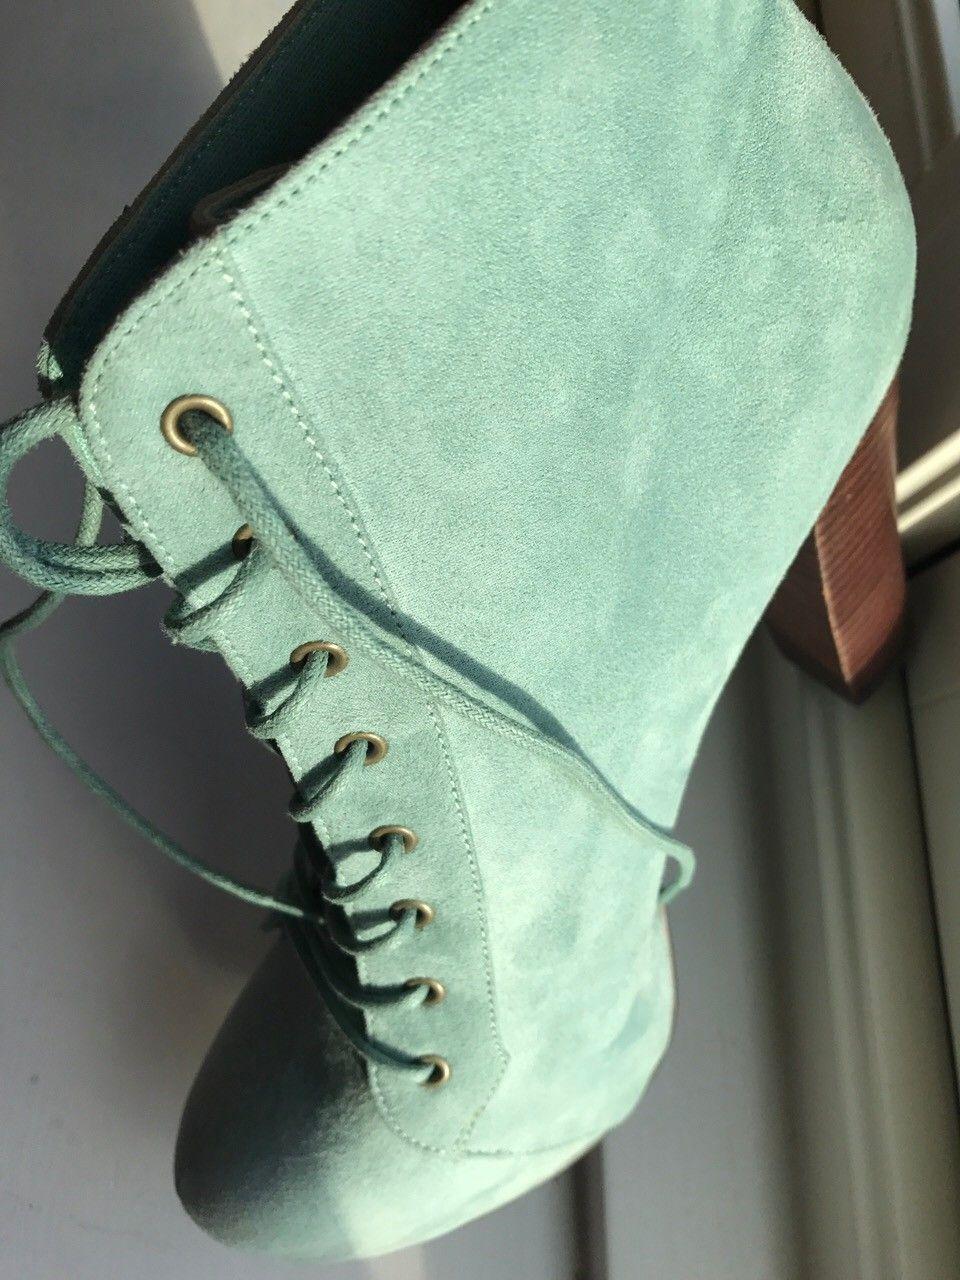 Chilli sko - Oslo  - Ubrukte damesko i fargen turkis med merke Chilli. Str 39. - Oslo